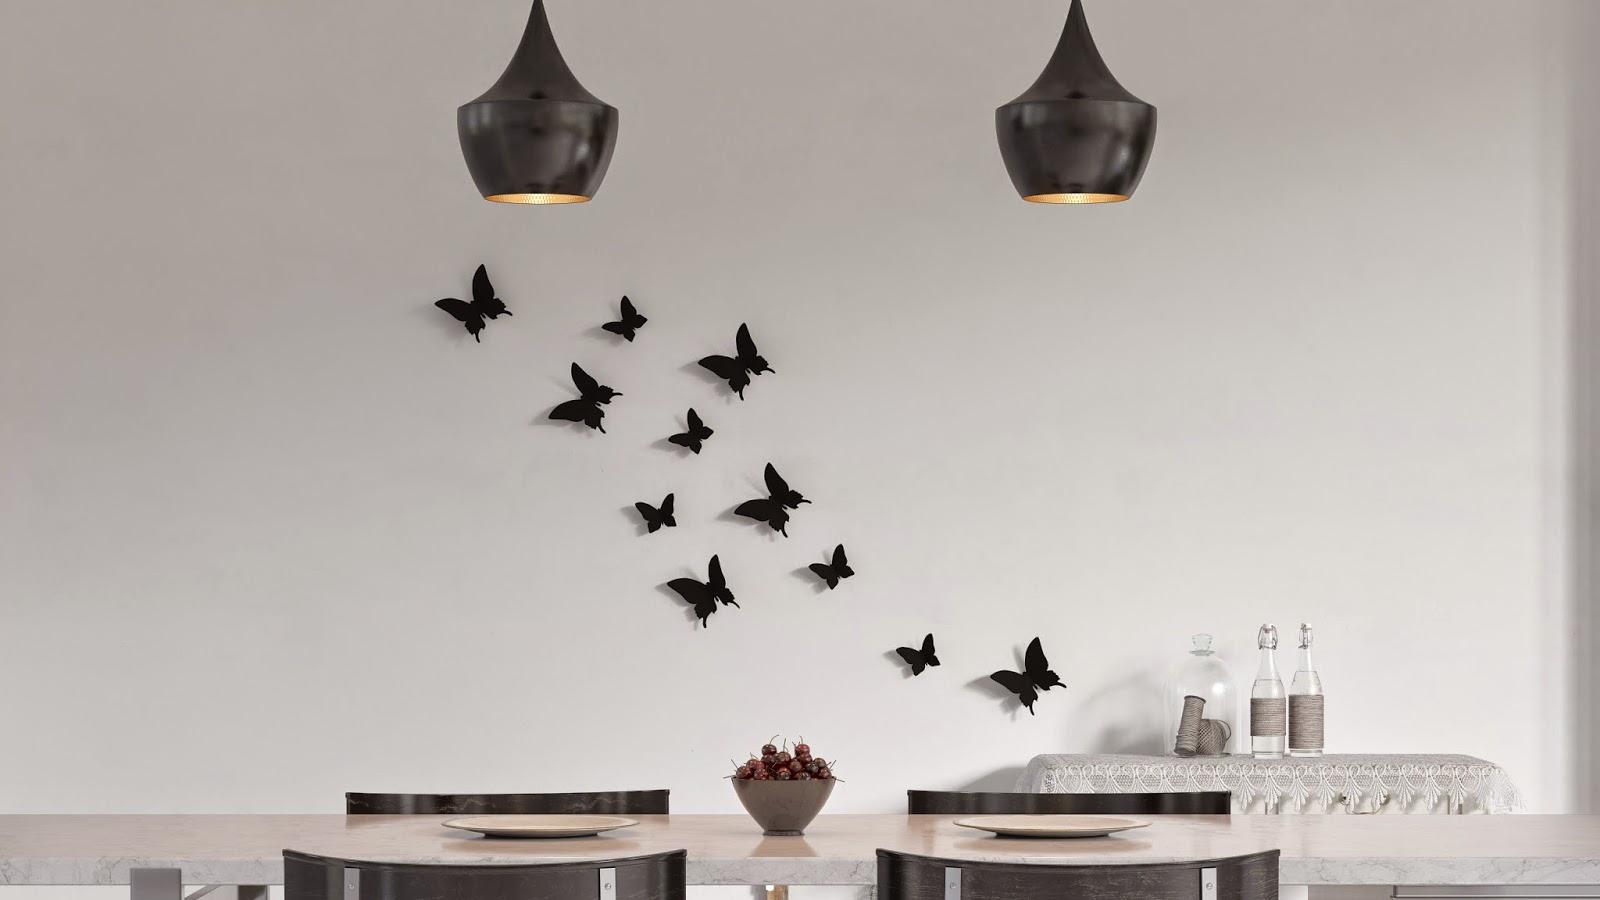 Adesivi murali tante idee creative per decorare la casa for Adesivi murali 3d